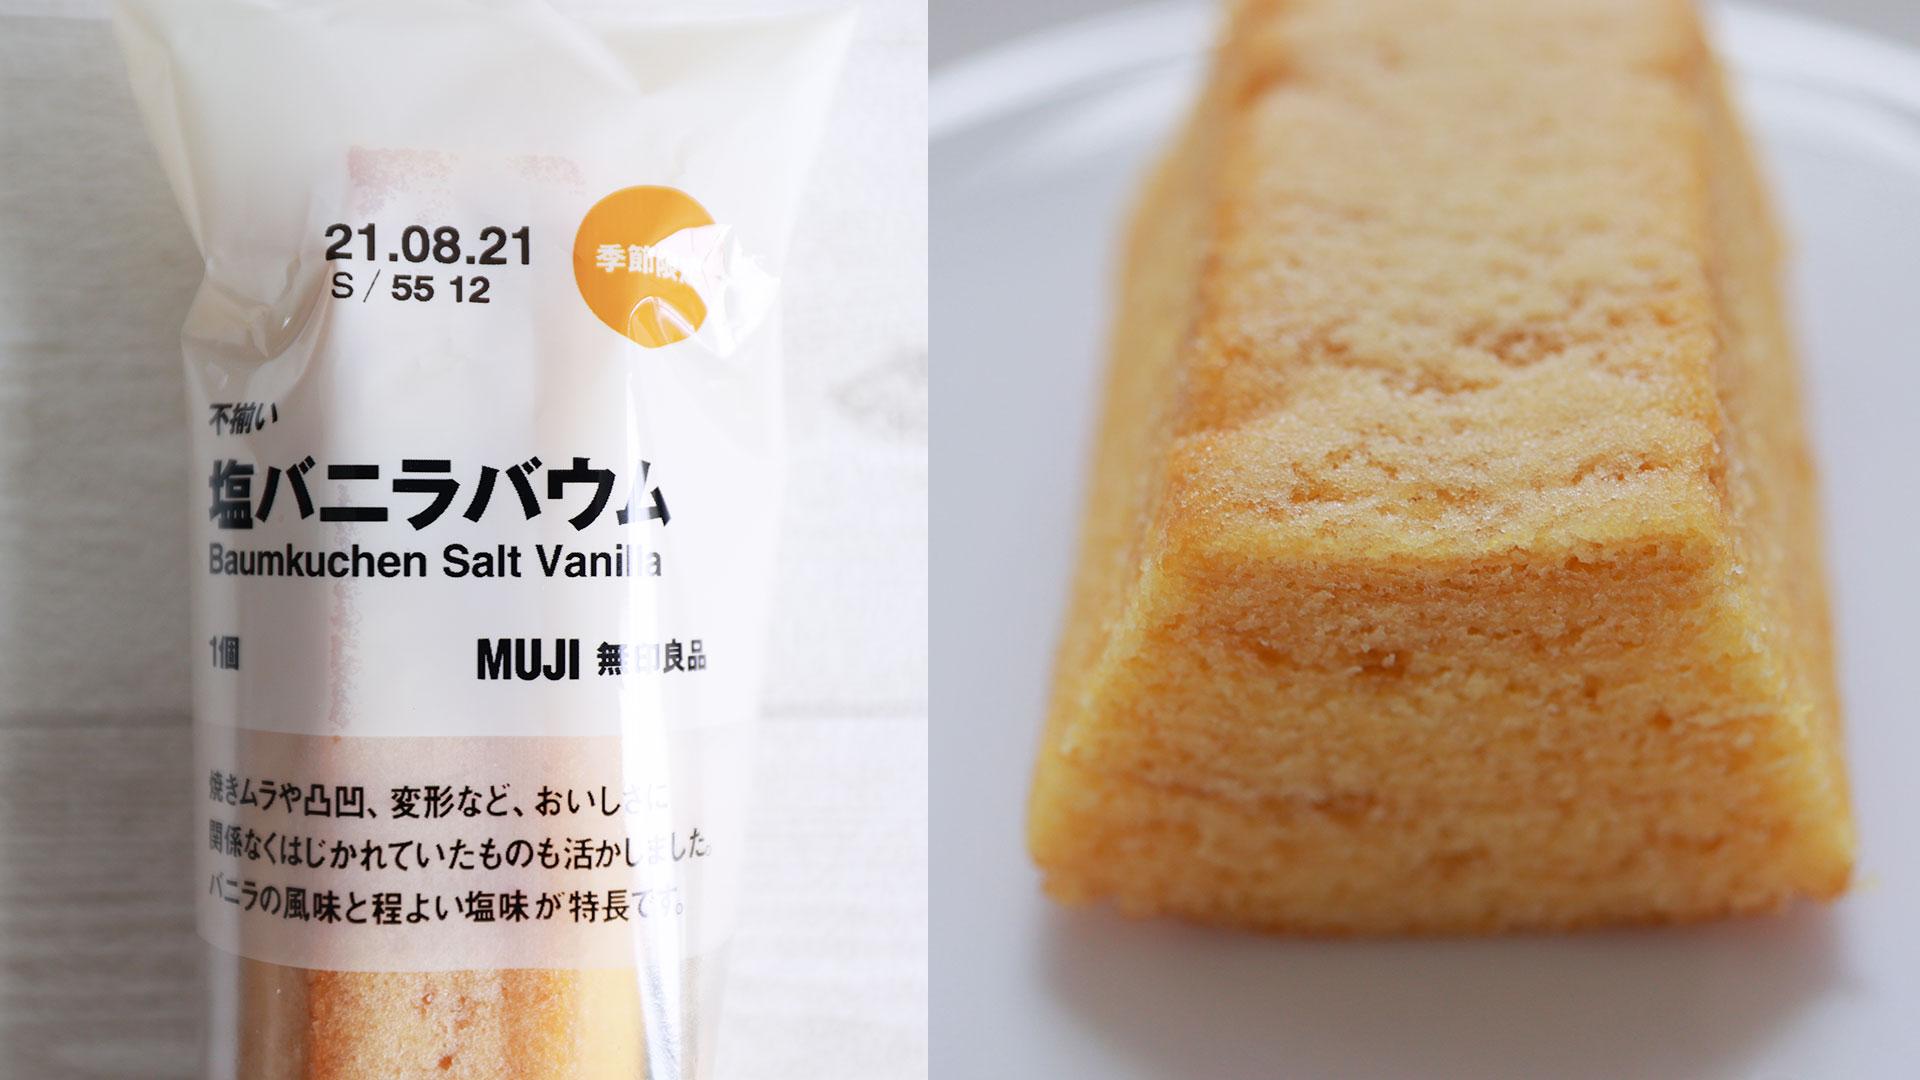 バニラの風味と程よい塩味が特長